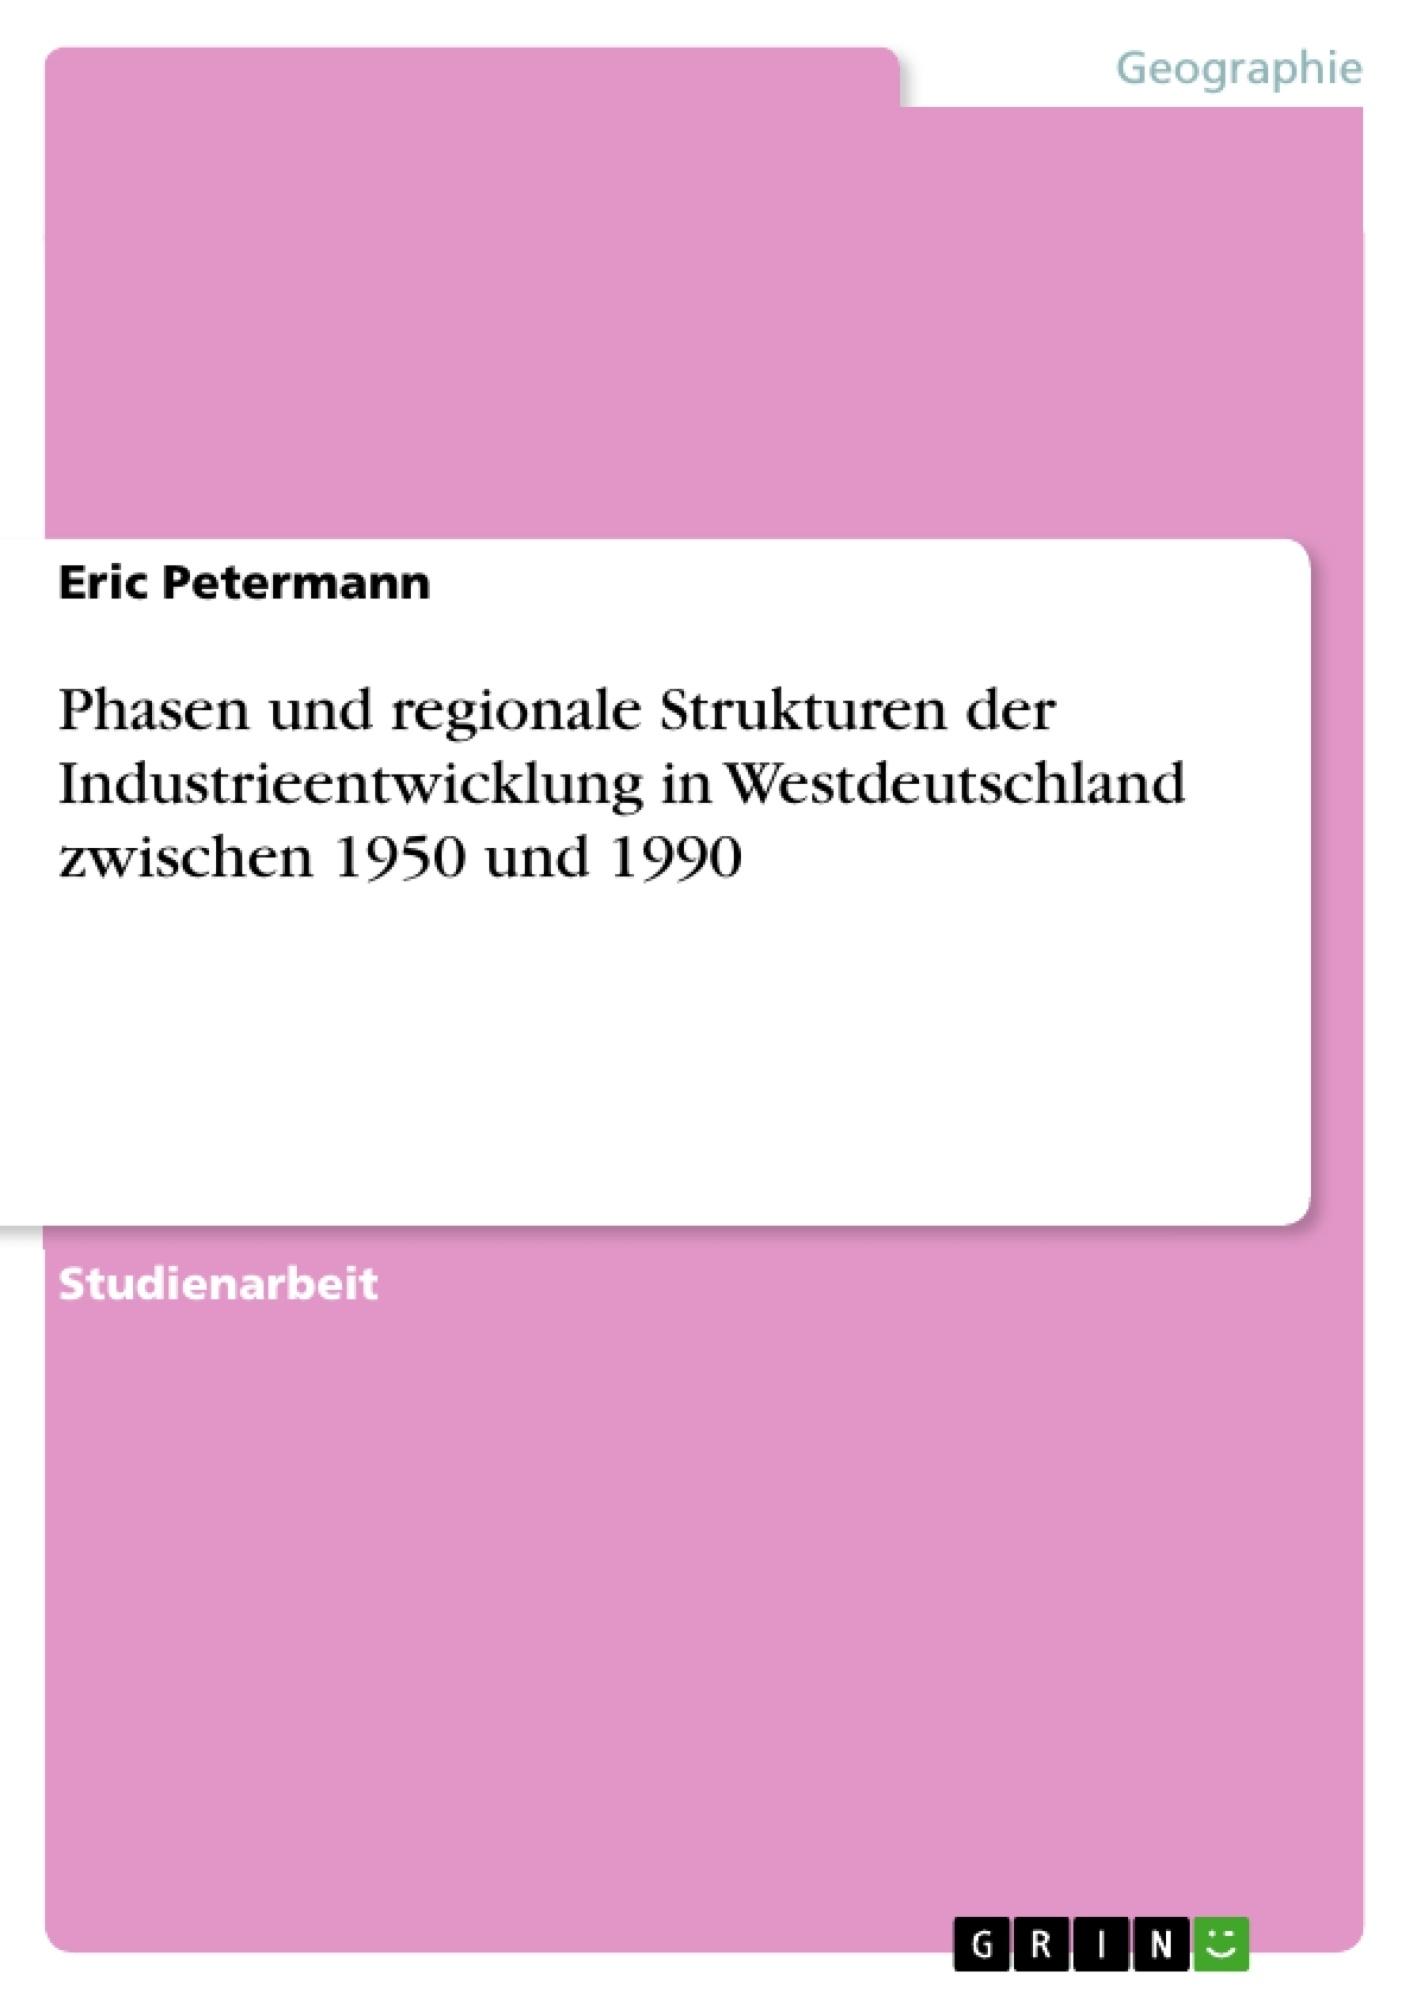 Titel: Phasen und regionale Strukturen der Industrieentwicklung in Westdeutschland zwischen 1950 und 1990